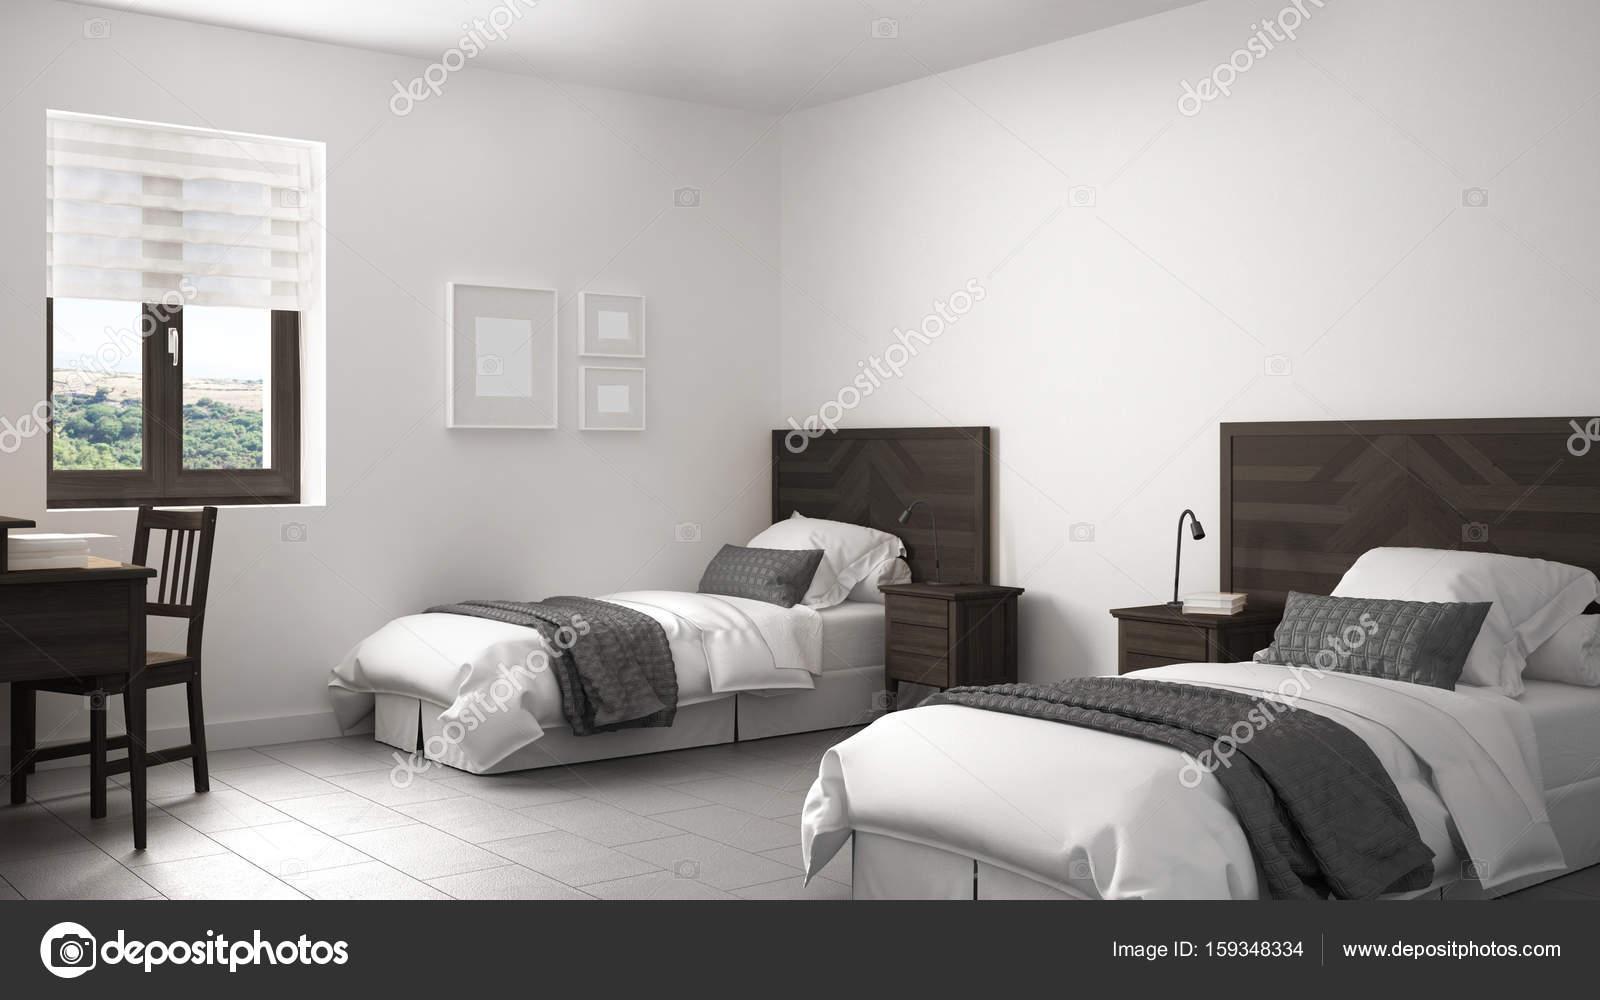 Schön Skandinavische Vintage Schlafzimmer Mit Zwei Betten, Alten Stil Innen D U2014  Stockfoto